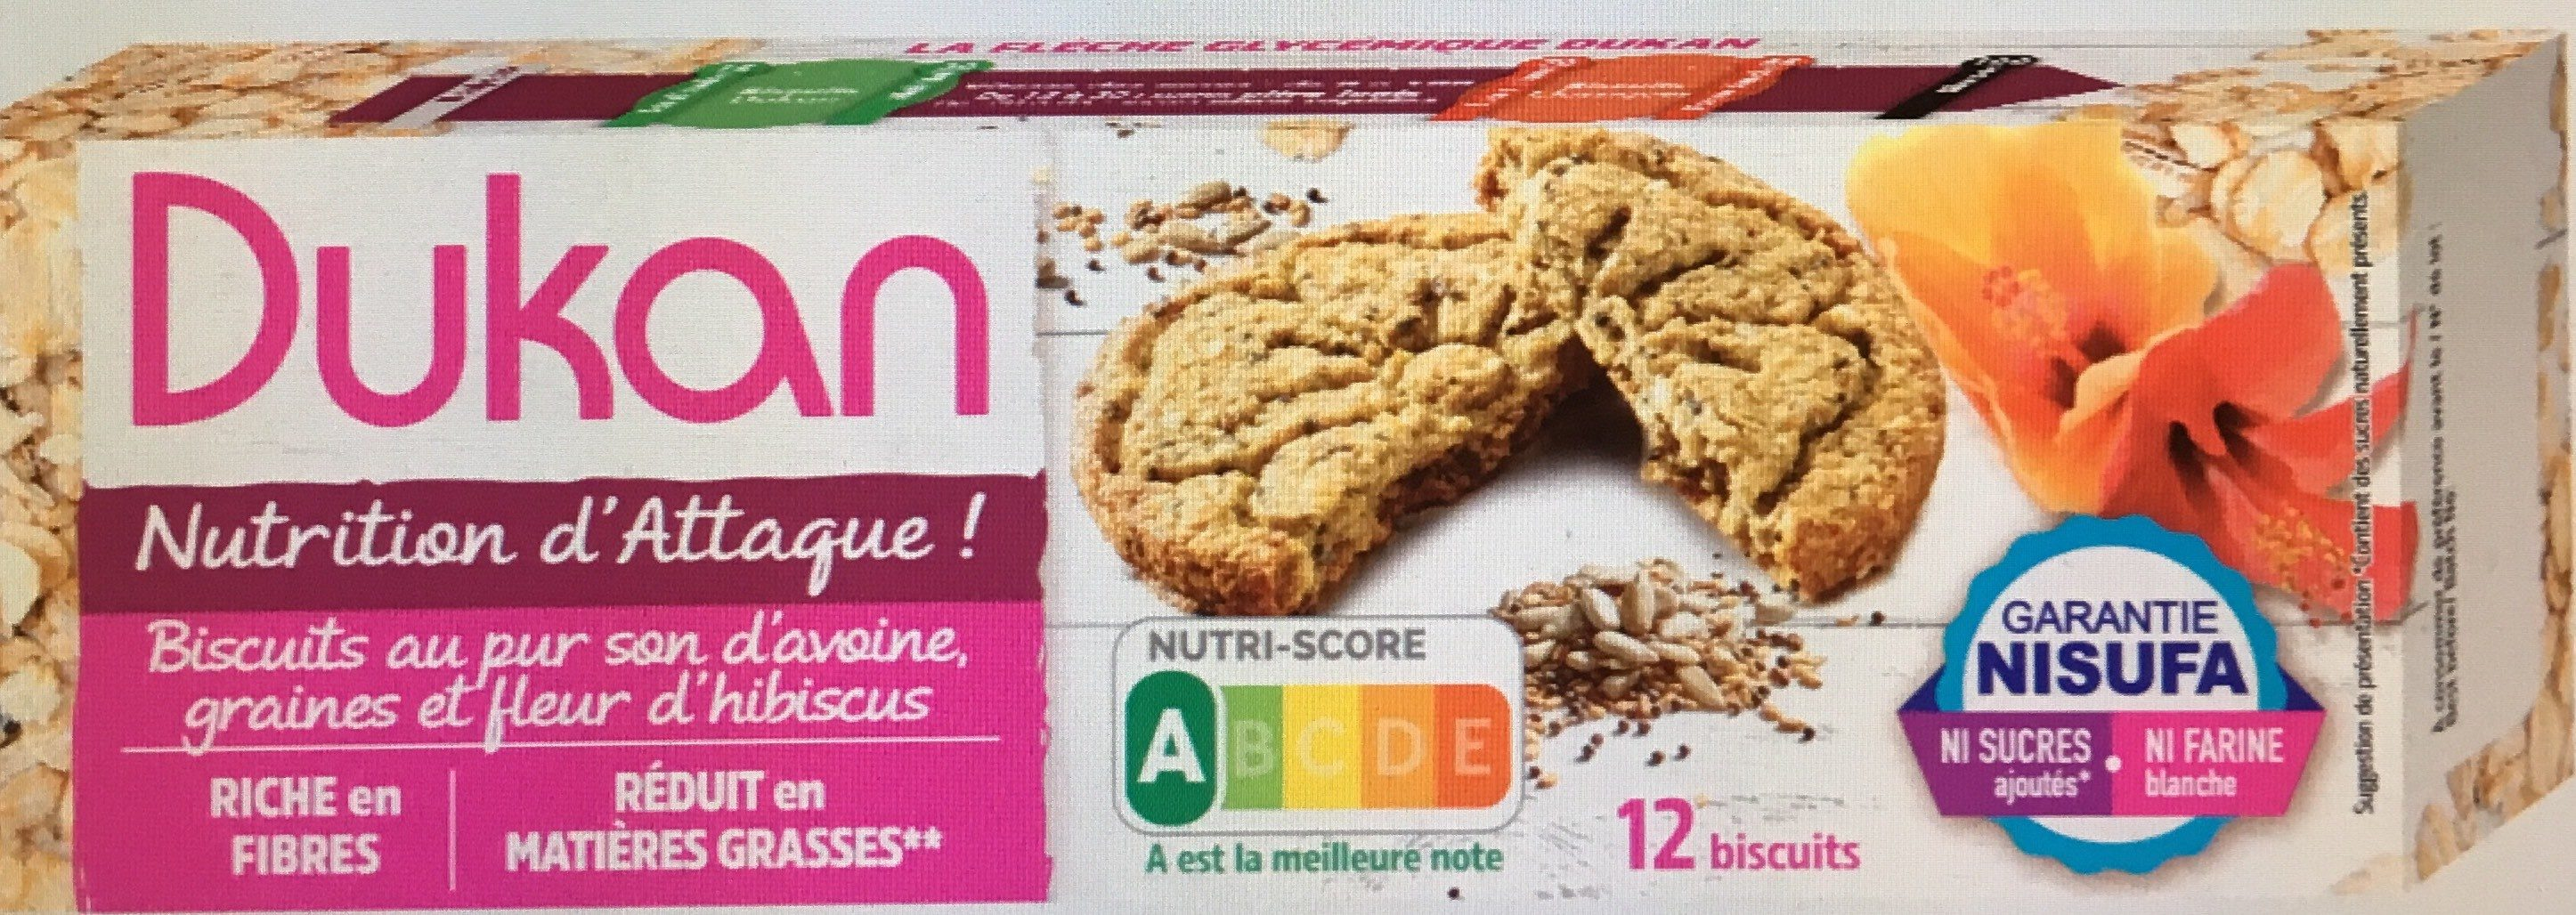 Biscuits au pur son d'avoine graines et fleur d'hibiscus - Produit - fr